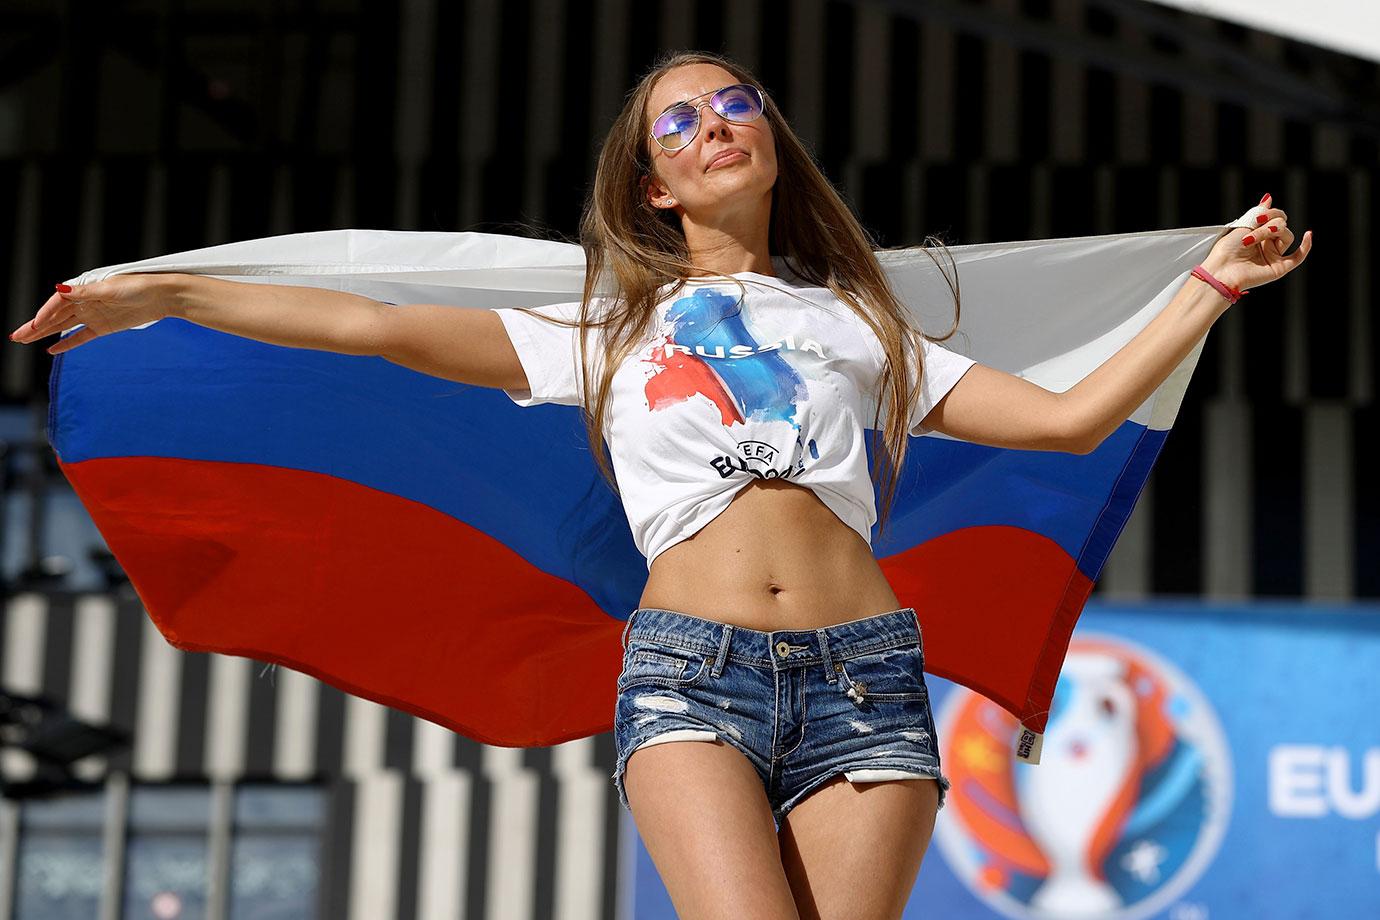 Gaya Seru Wanita Suporter di Rusia: dari Seksi sampai Berhijab